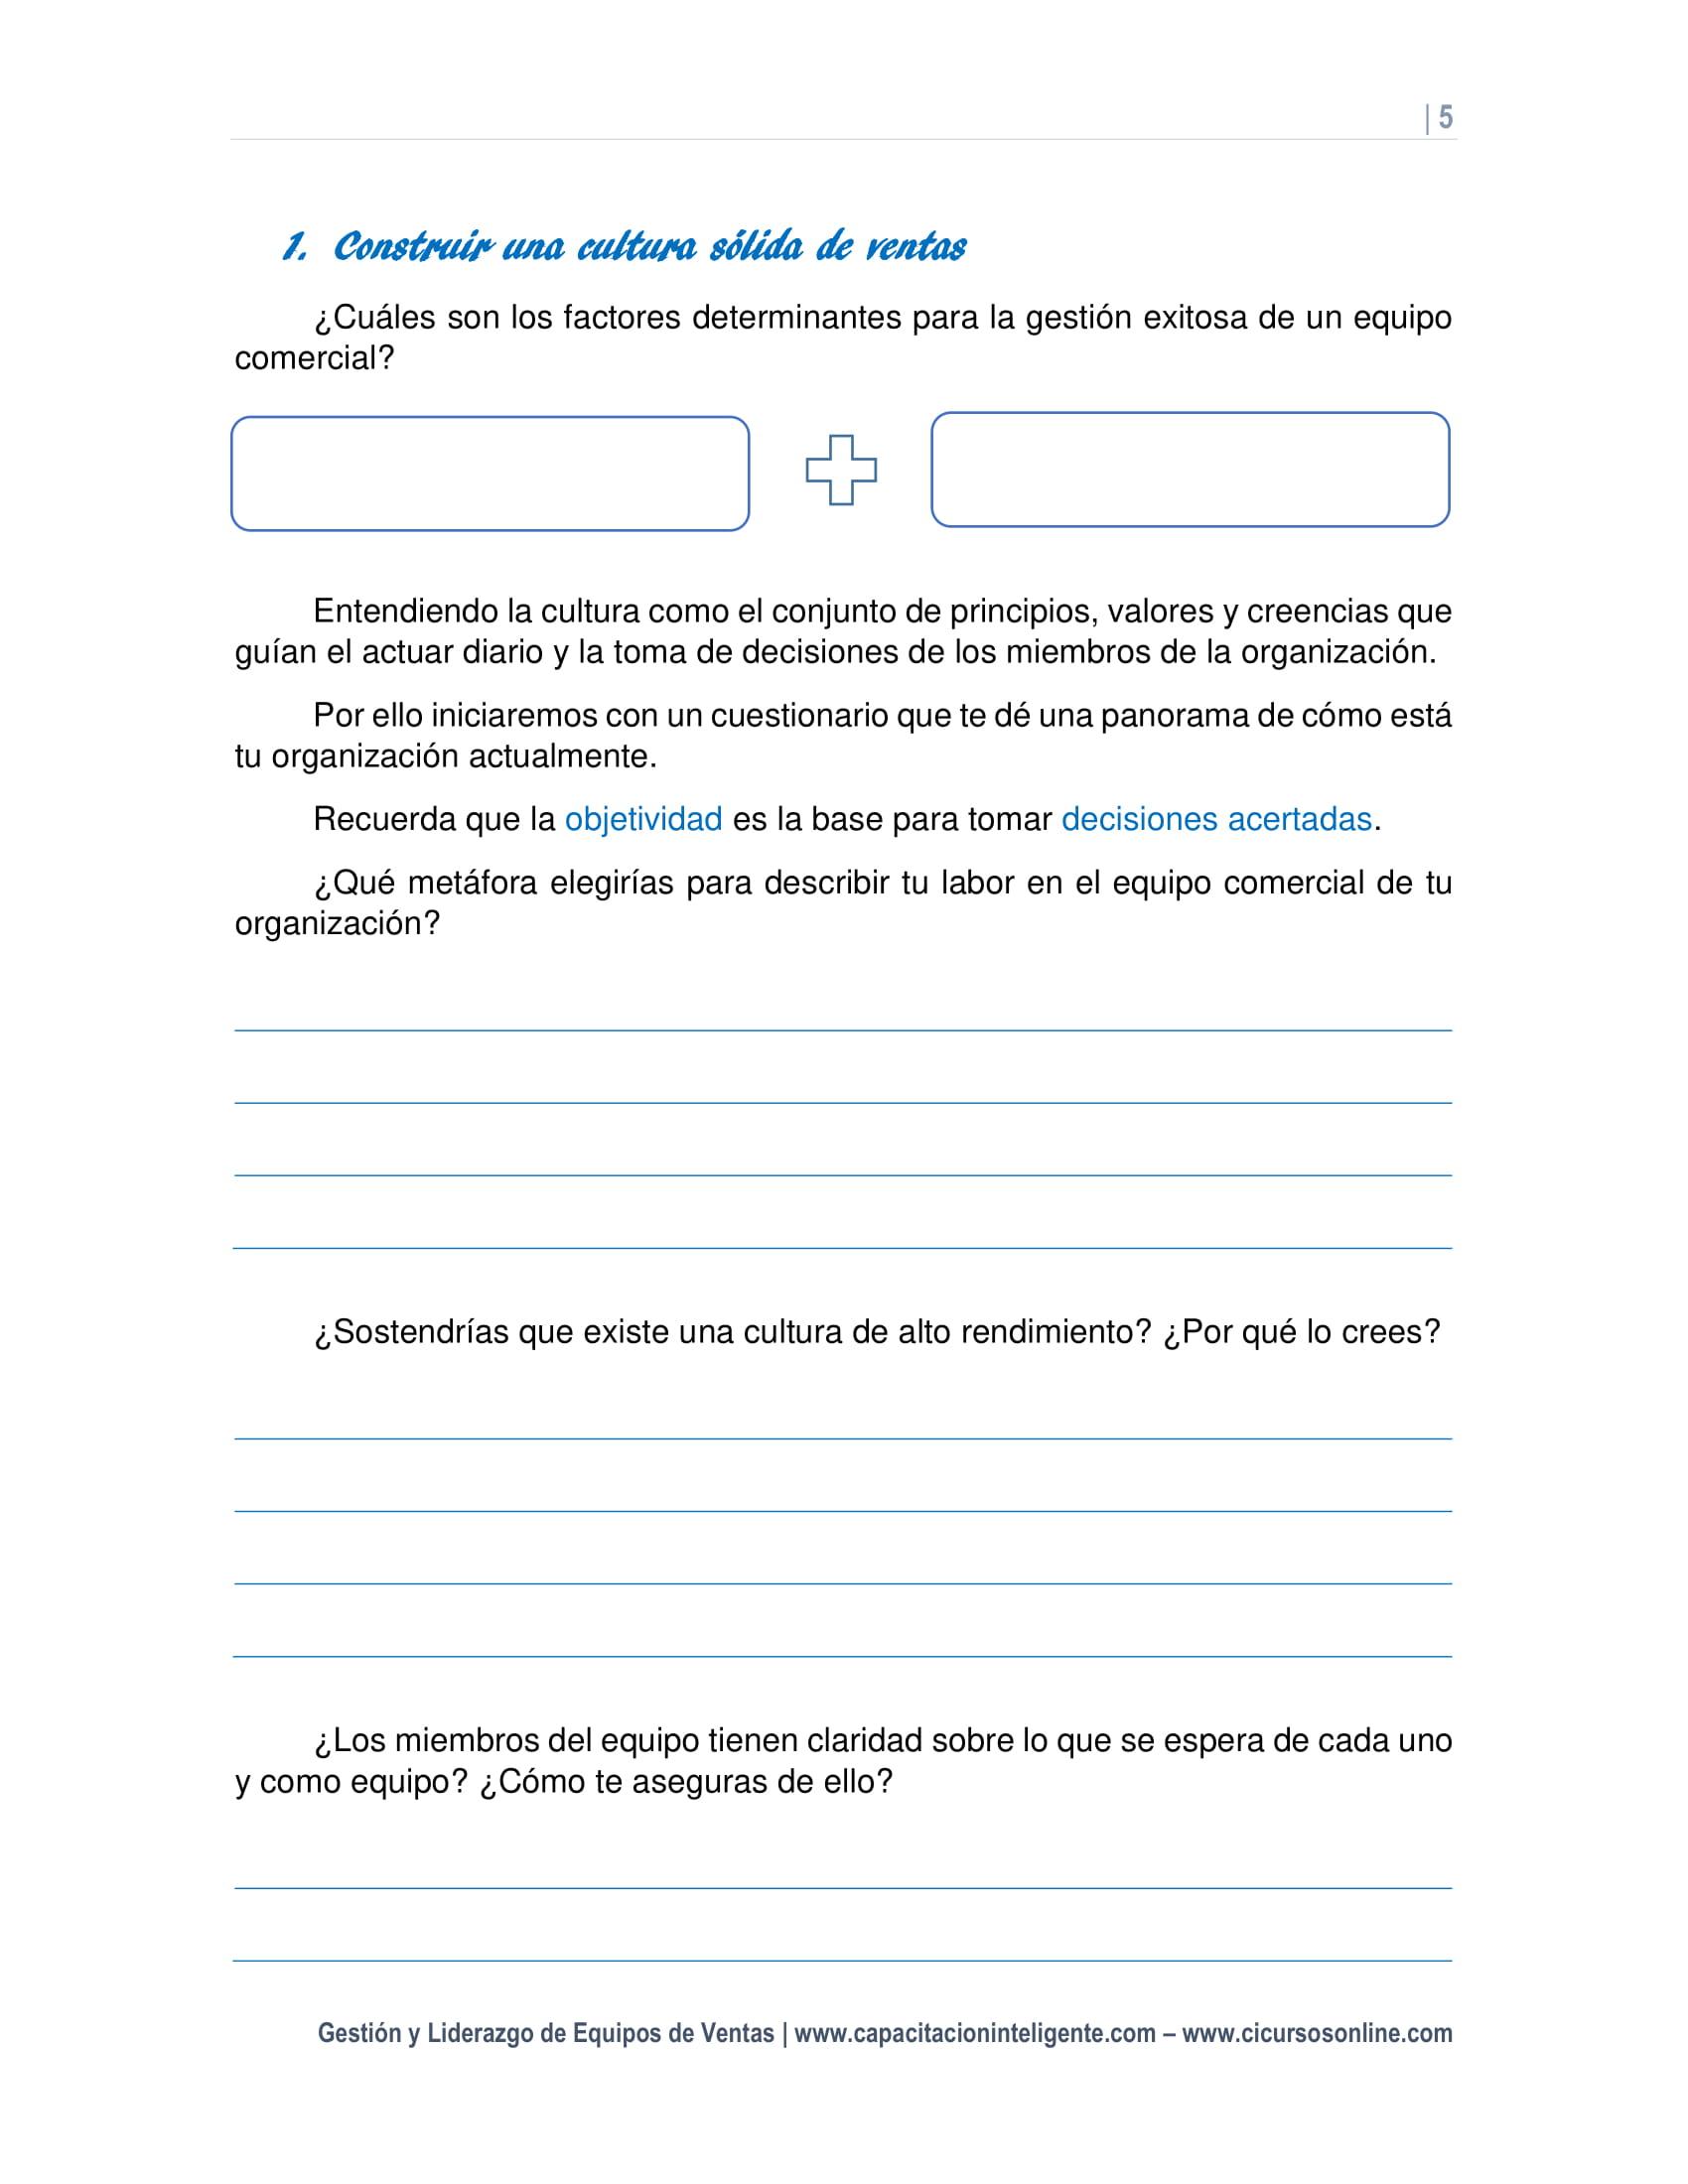 Cuaderno de Trabajo - Gestión y Liderazgo de equipos de ventas-05